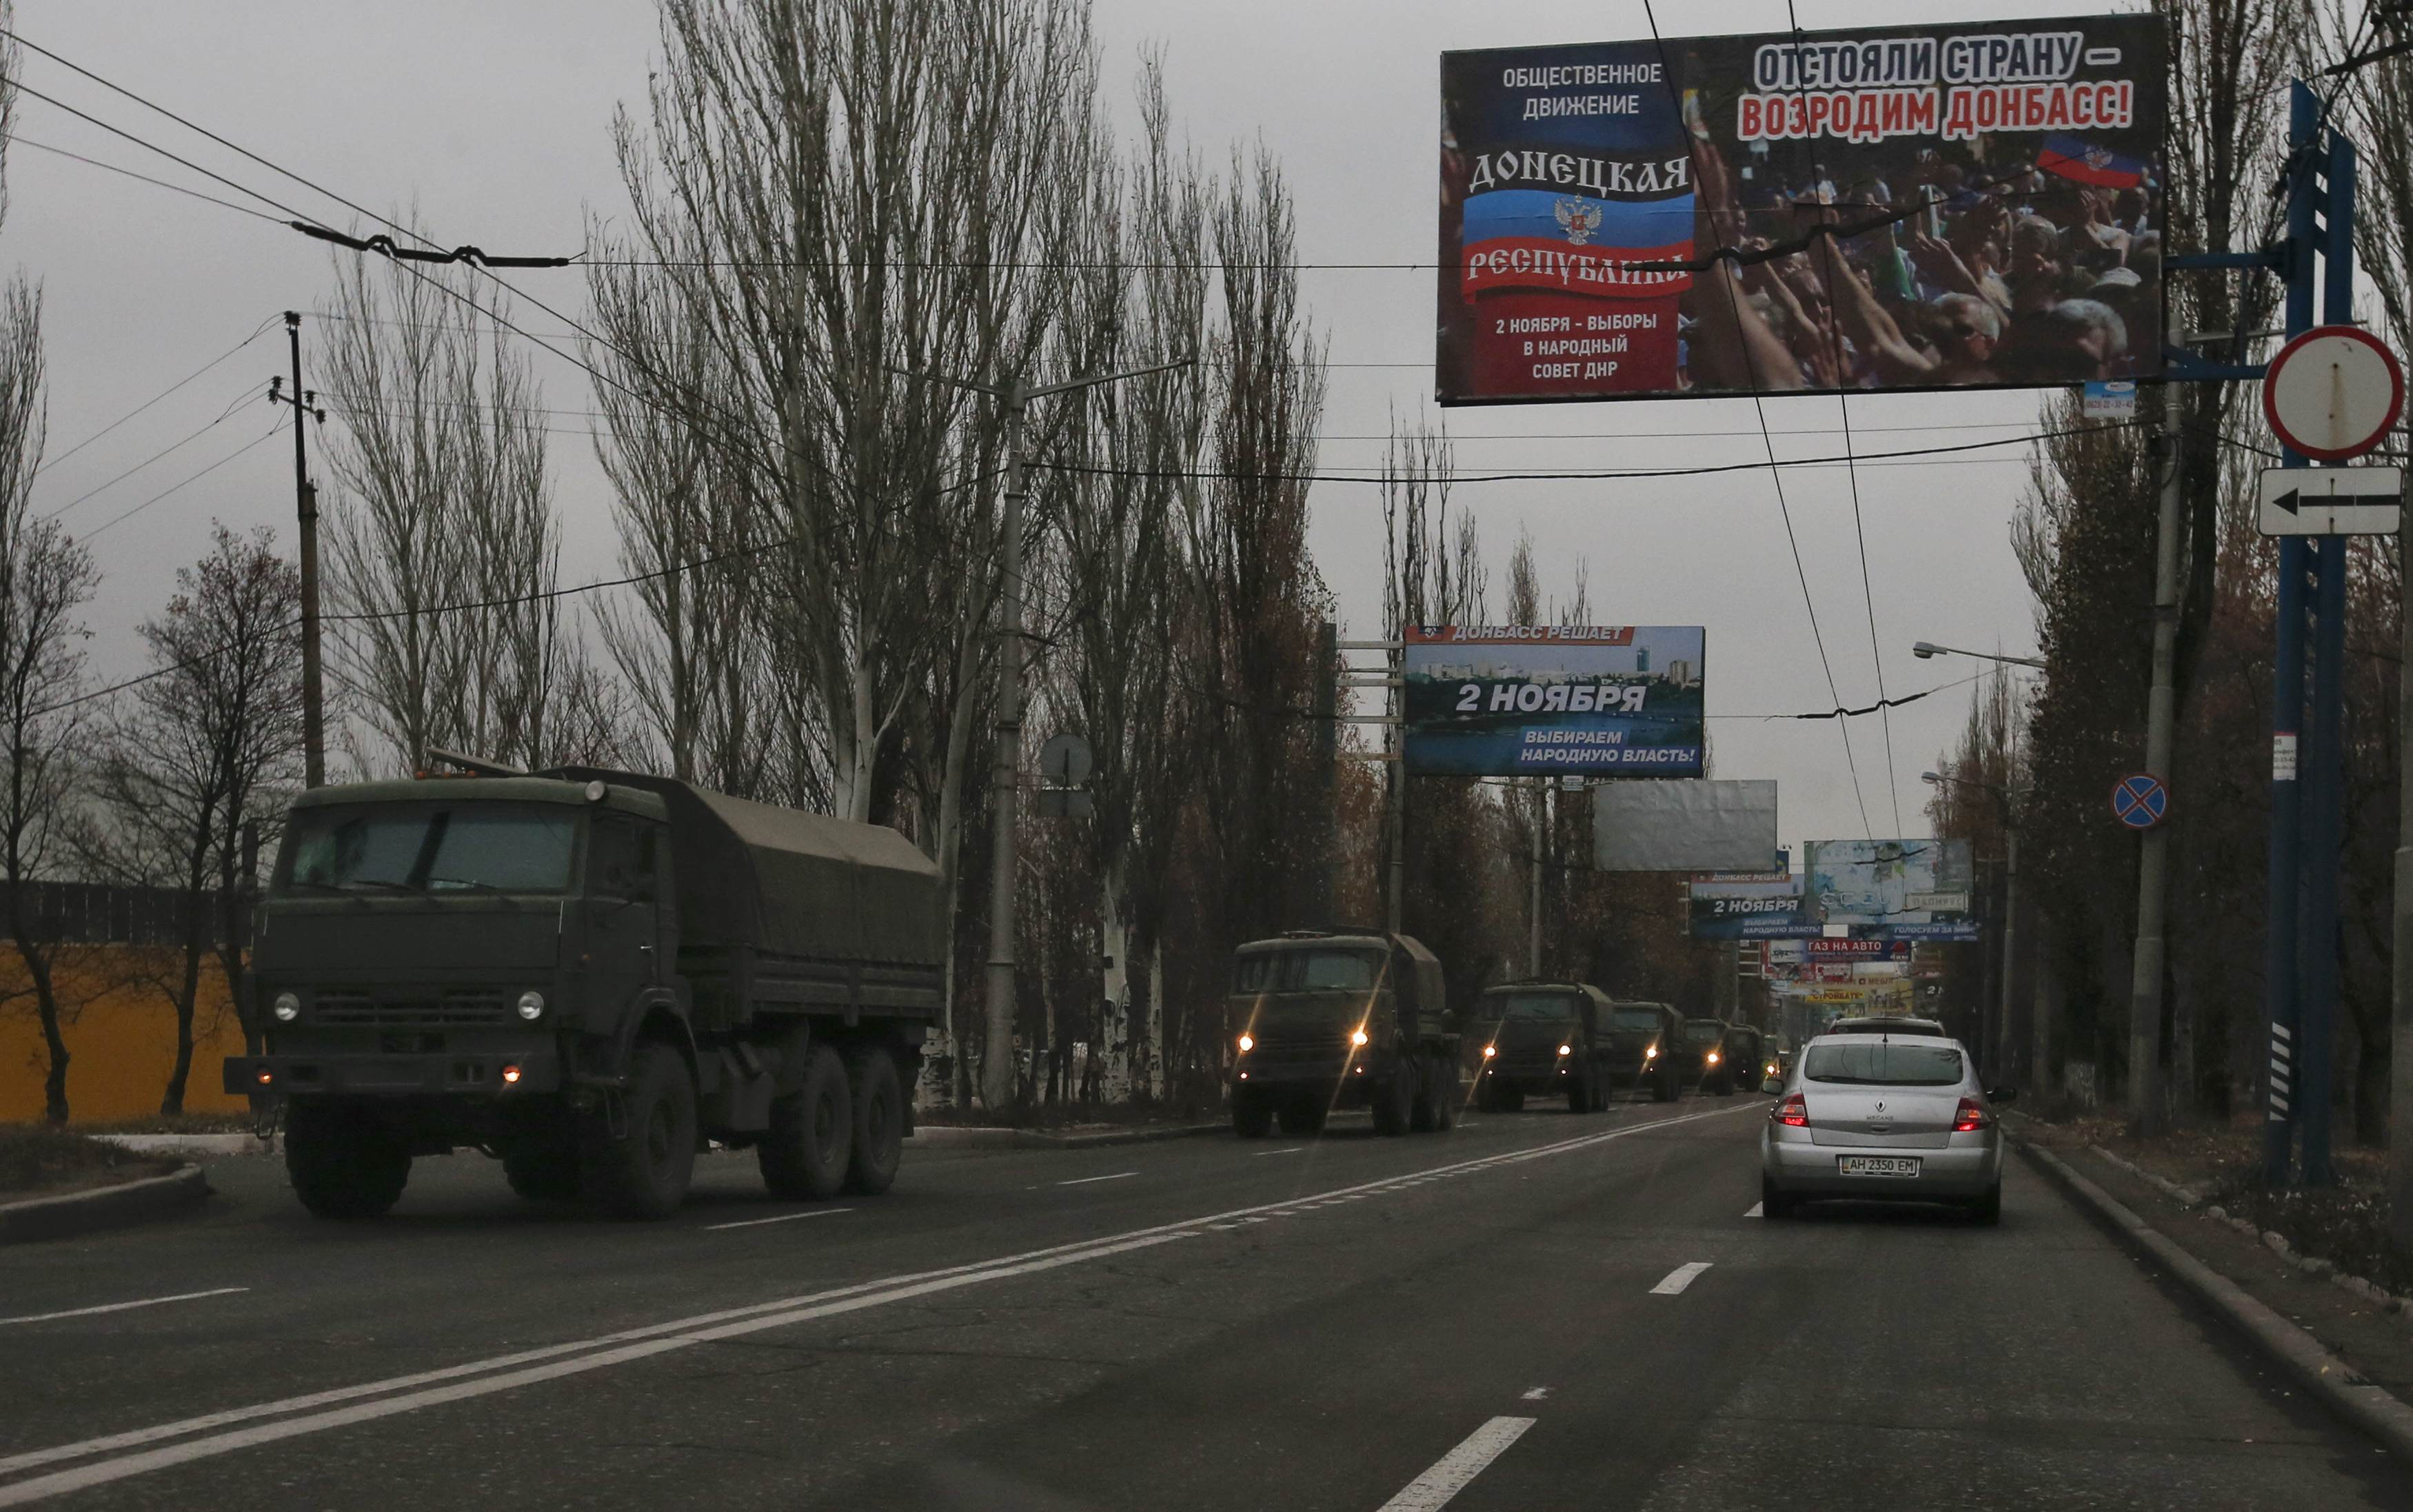 Российская военная колонна на Донбассе, иллюстрация